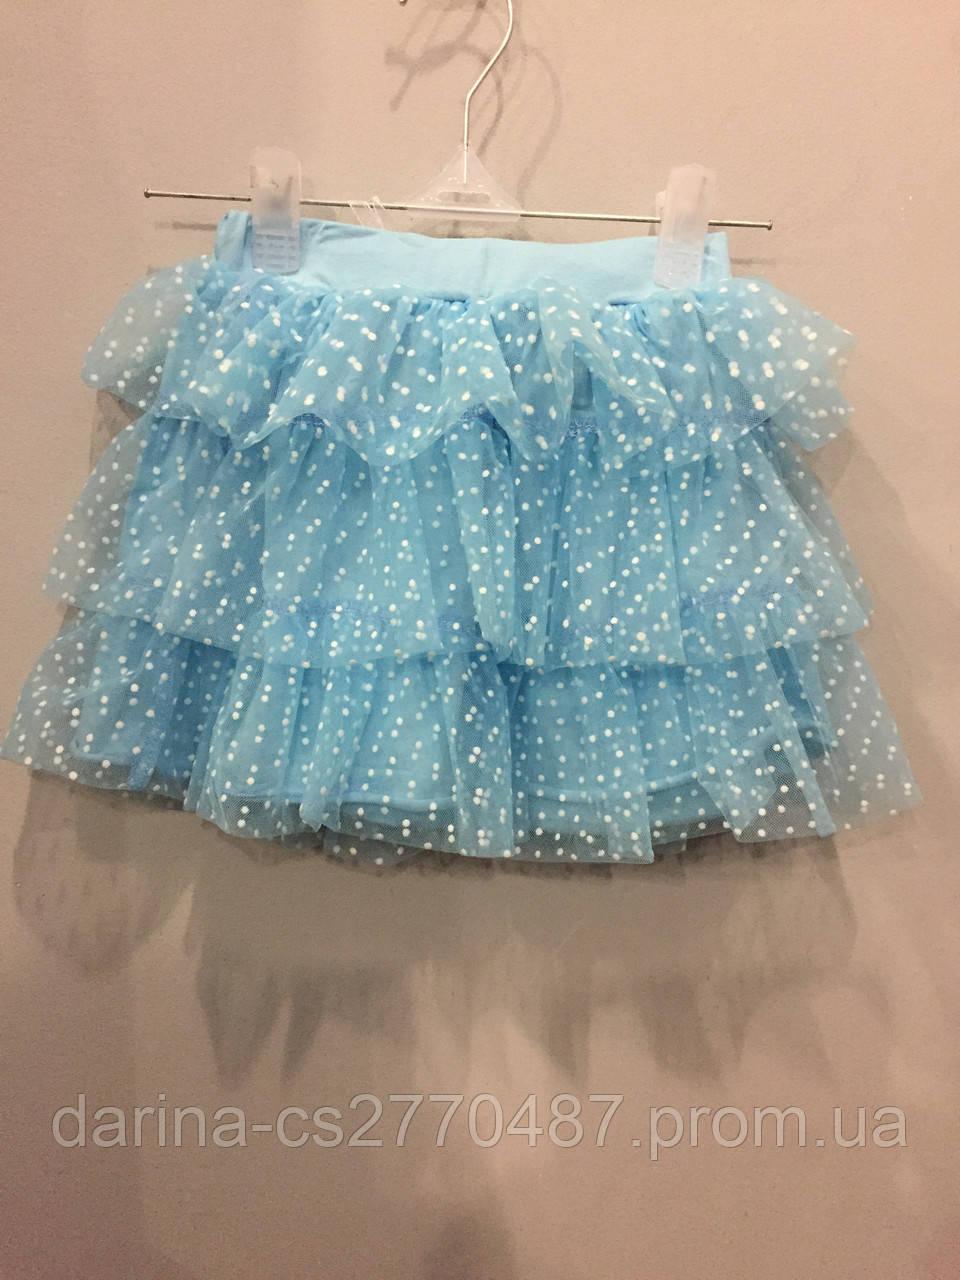 Детская юбка из фатина 4, 5 г, фото 1